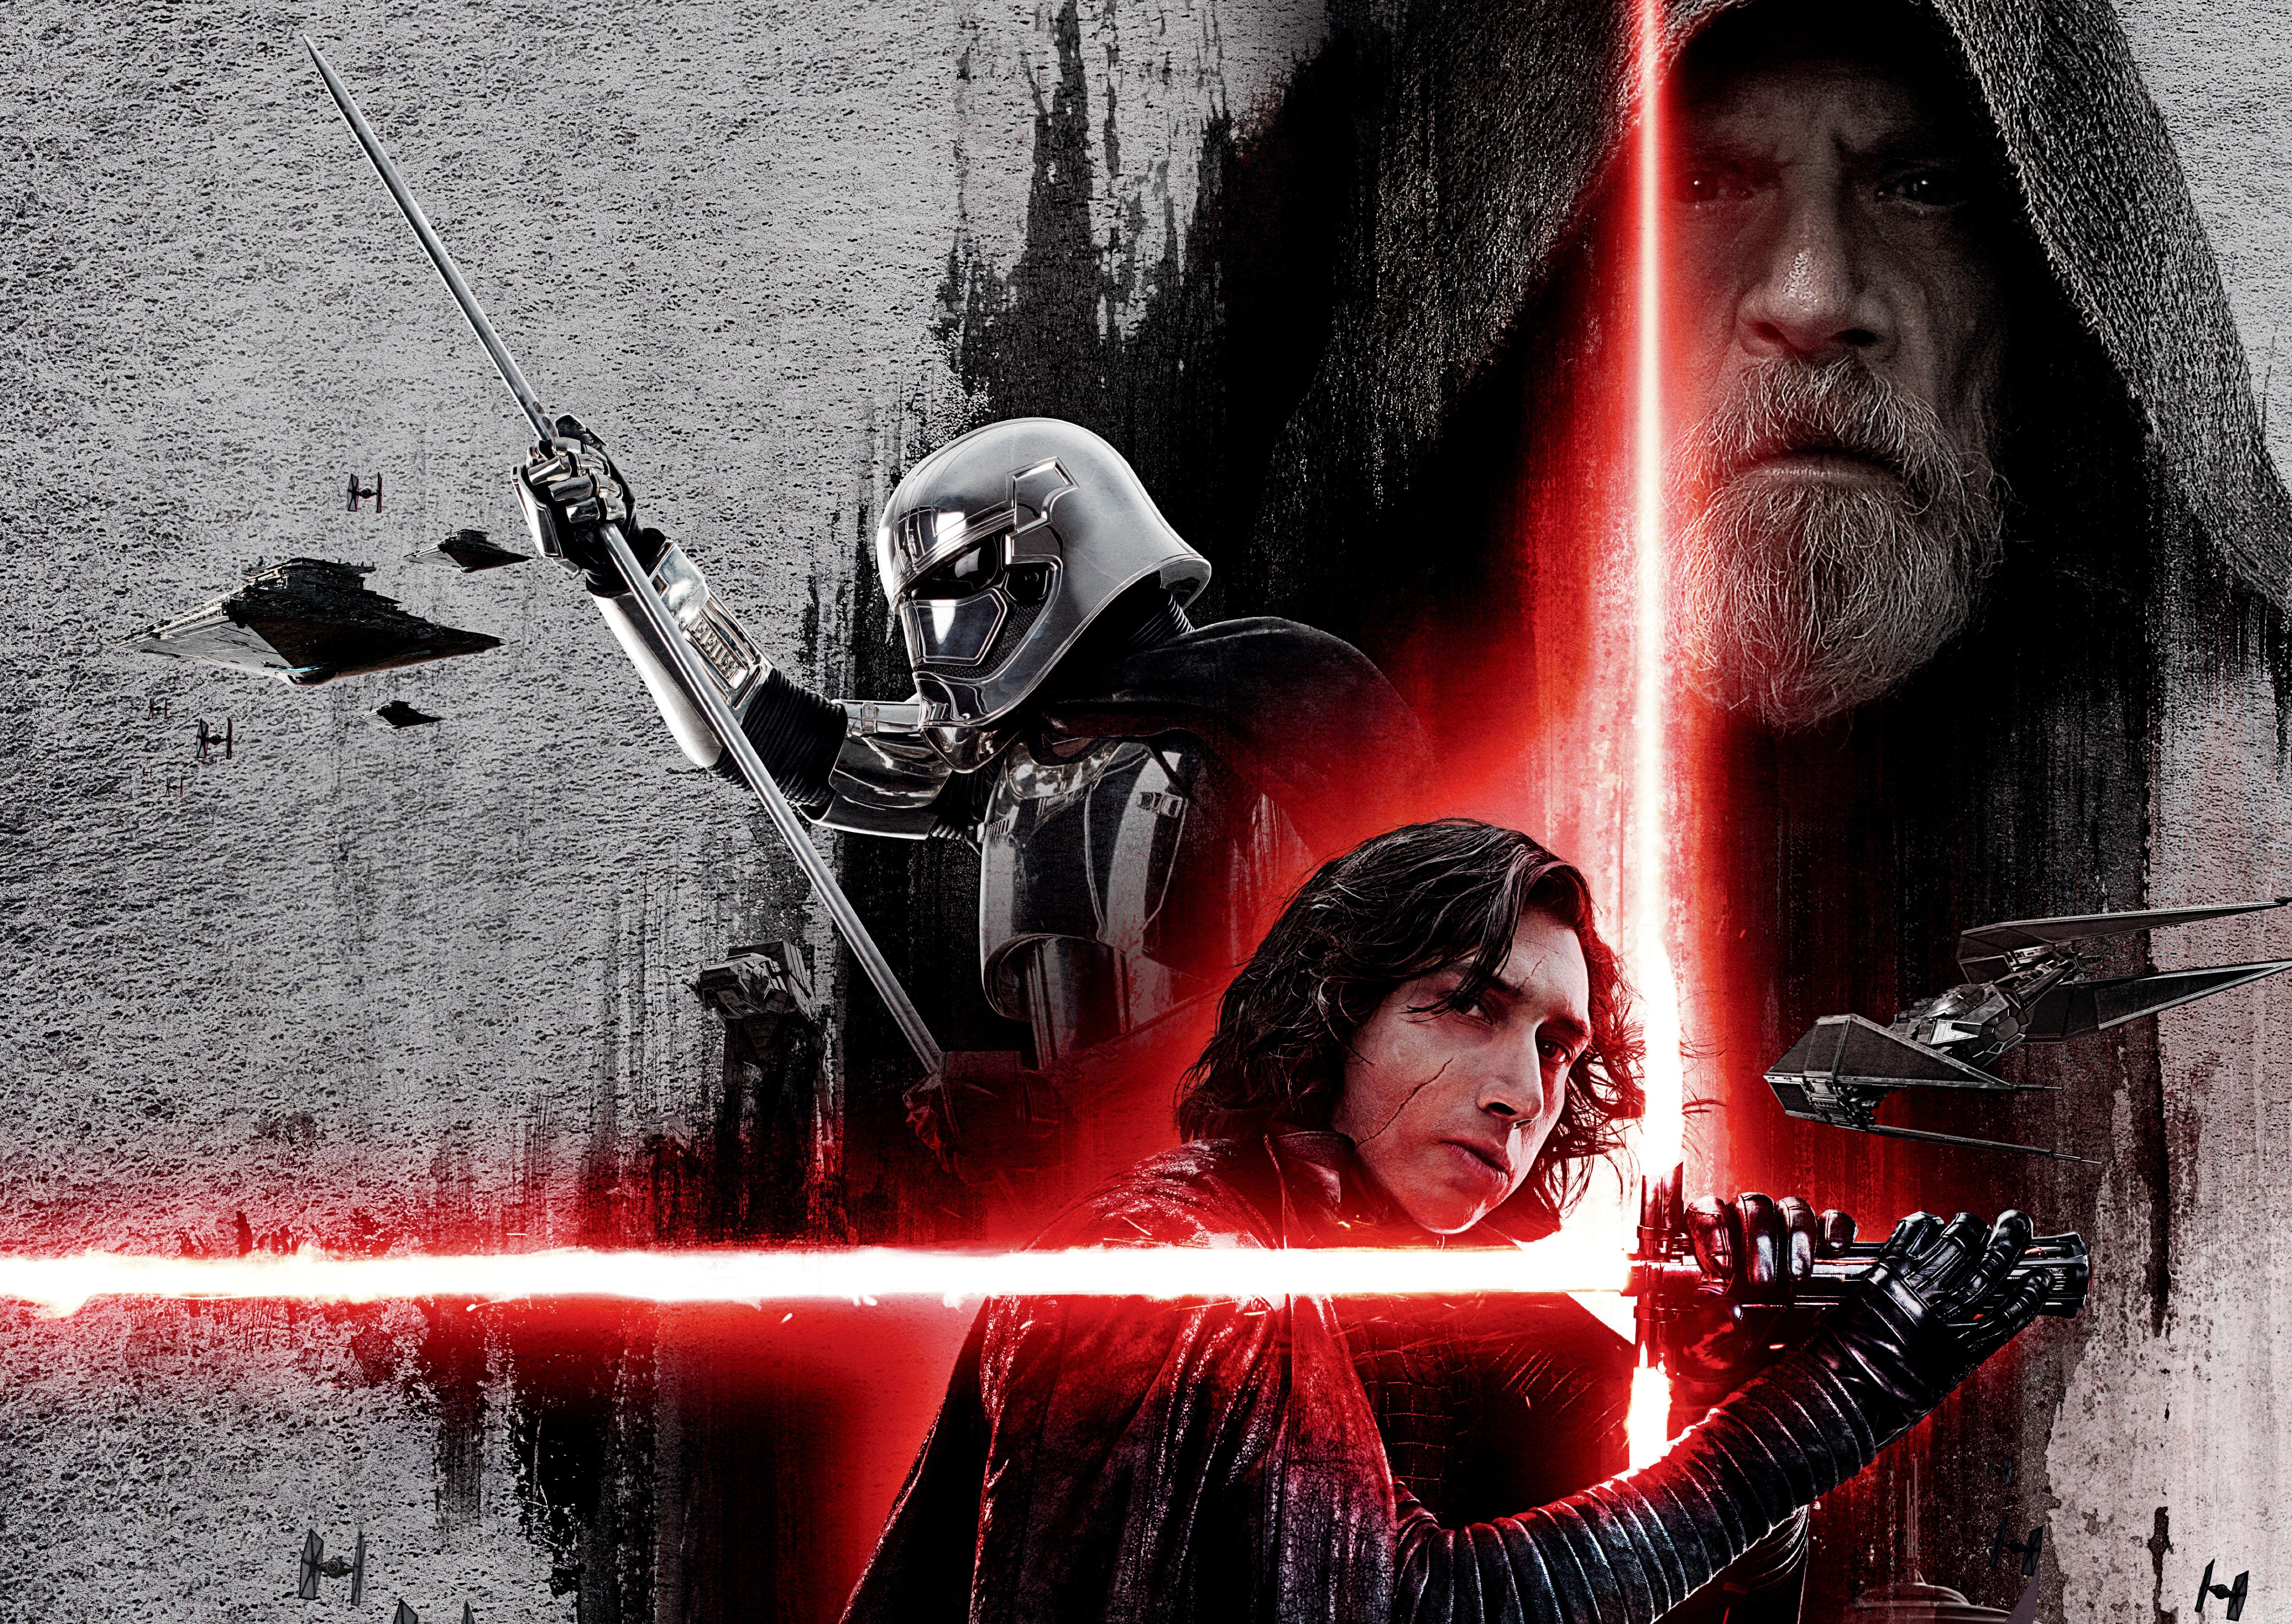 Star Wars The Last Jedi Dark Side Poster 6294x4460 Wallpaper Teahub Io